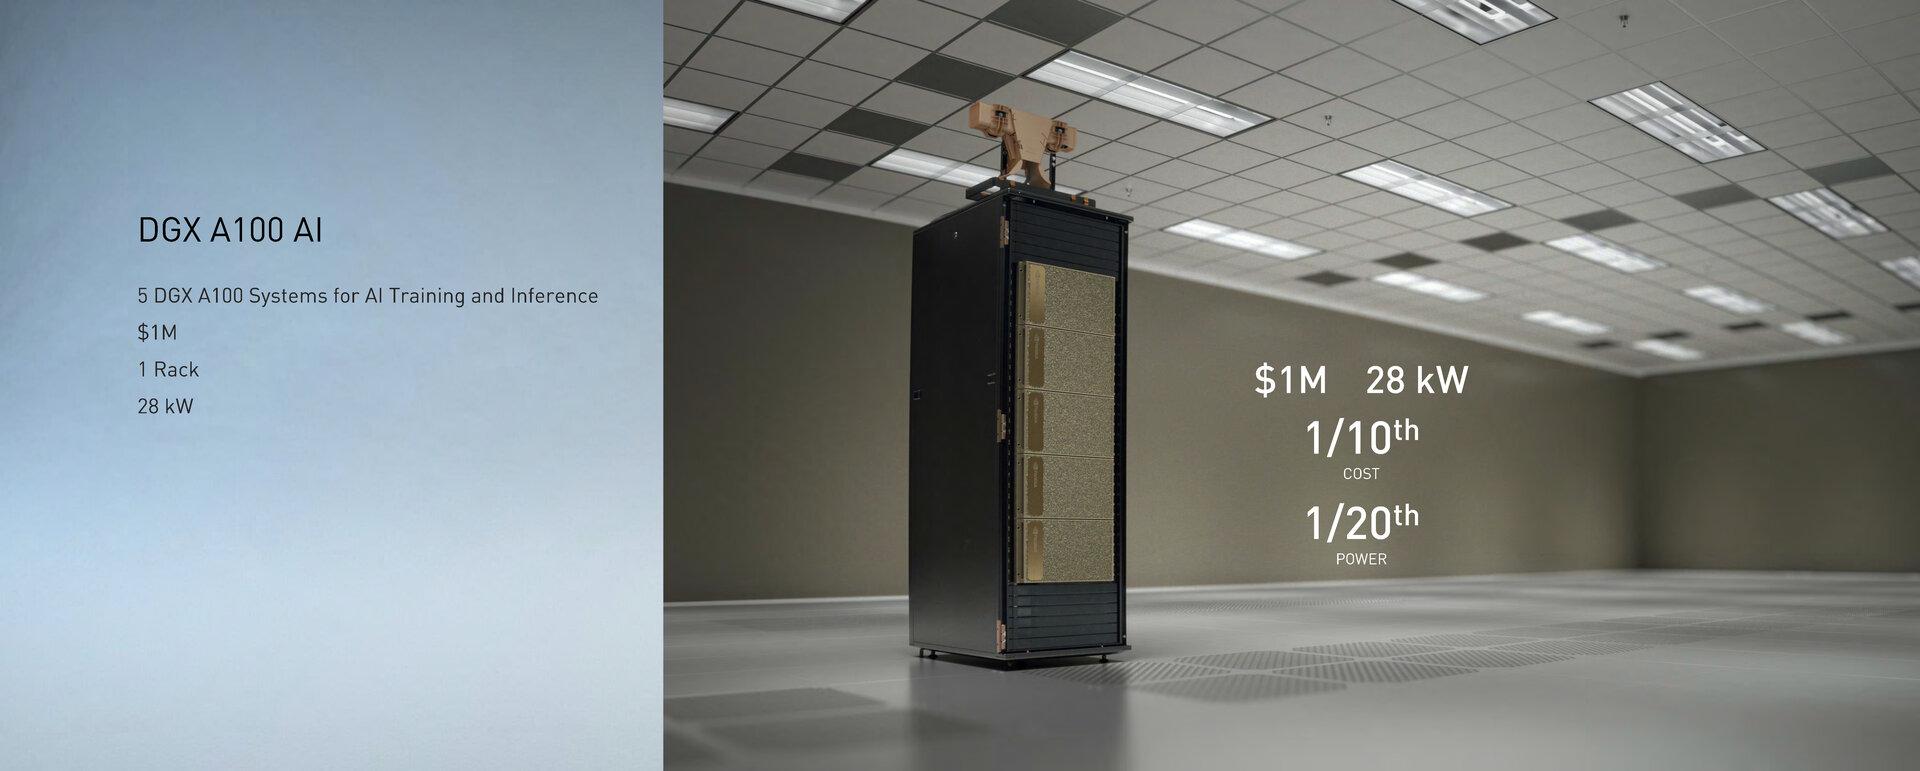 1 Rack mit 5 DGX A100 für ein Zehntel der Kosten des alten Aufbaus